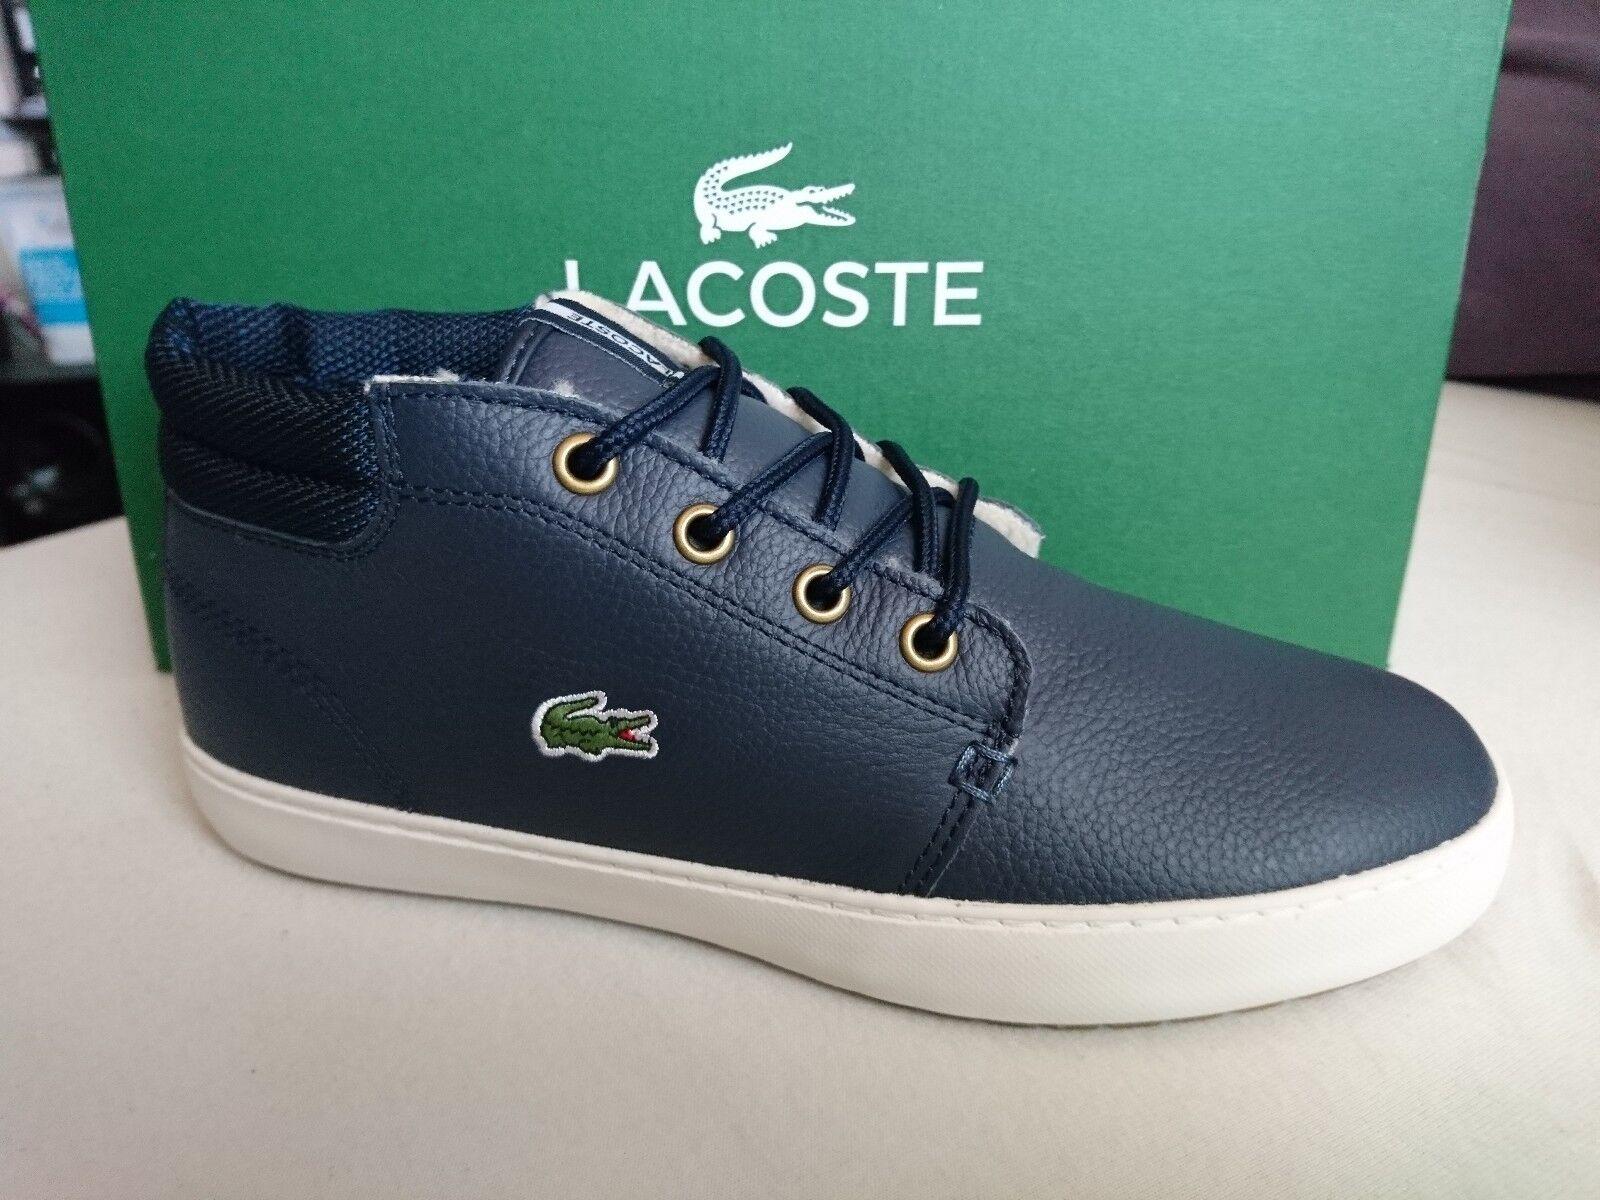 Lacoste Ampthill Terra SUSCEPTANCE 2 SPW Chaussures Femmes baskets warmfutter Bleu Nouveau